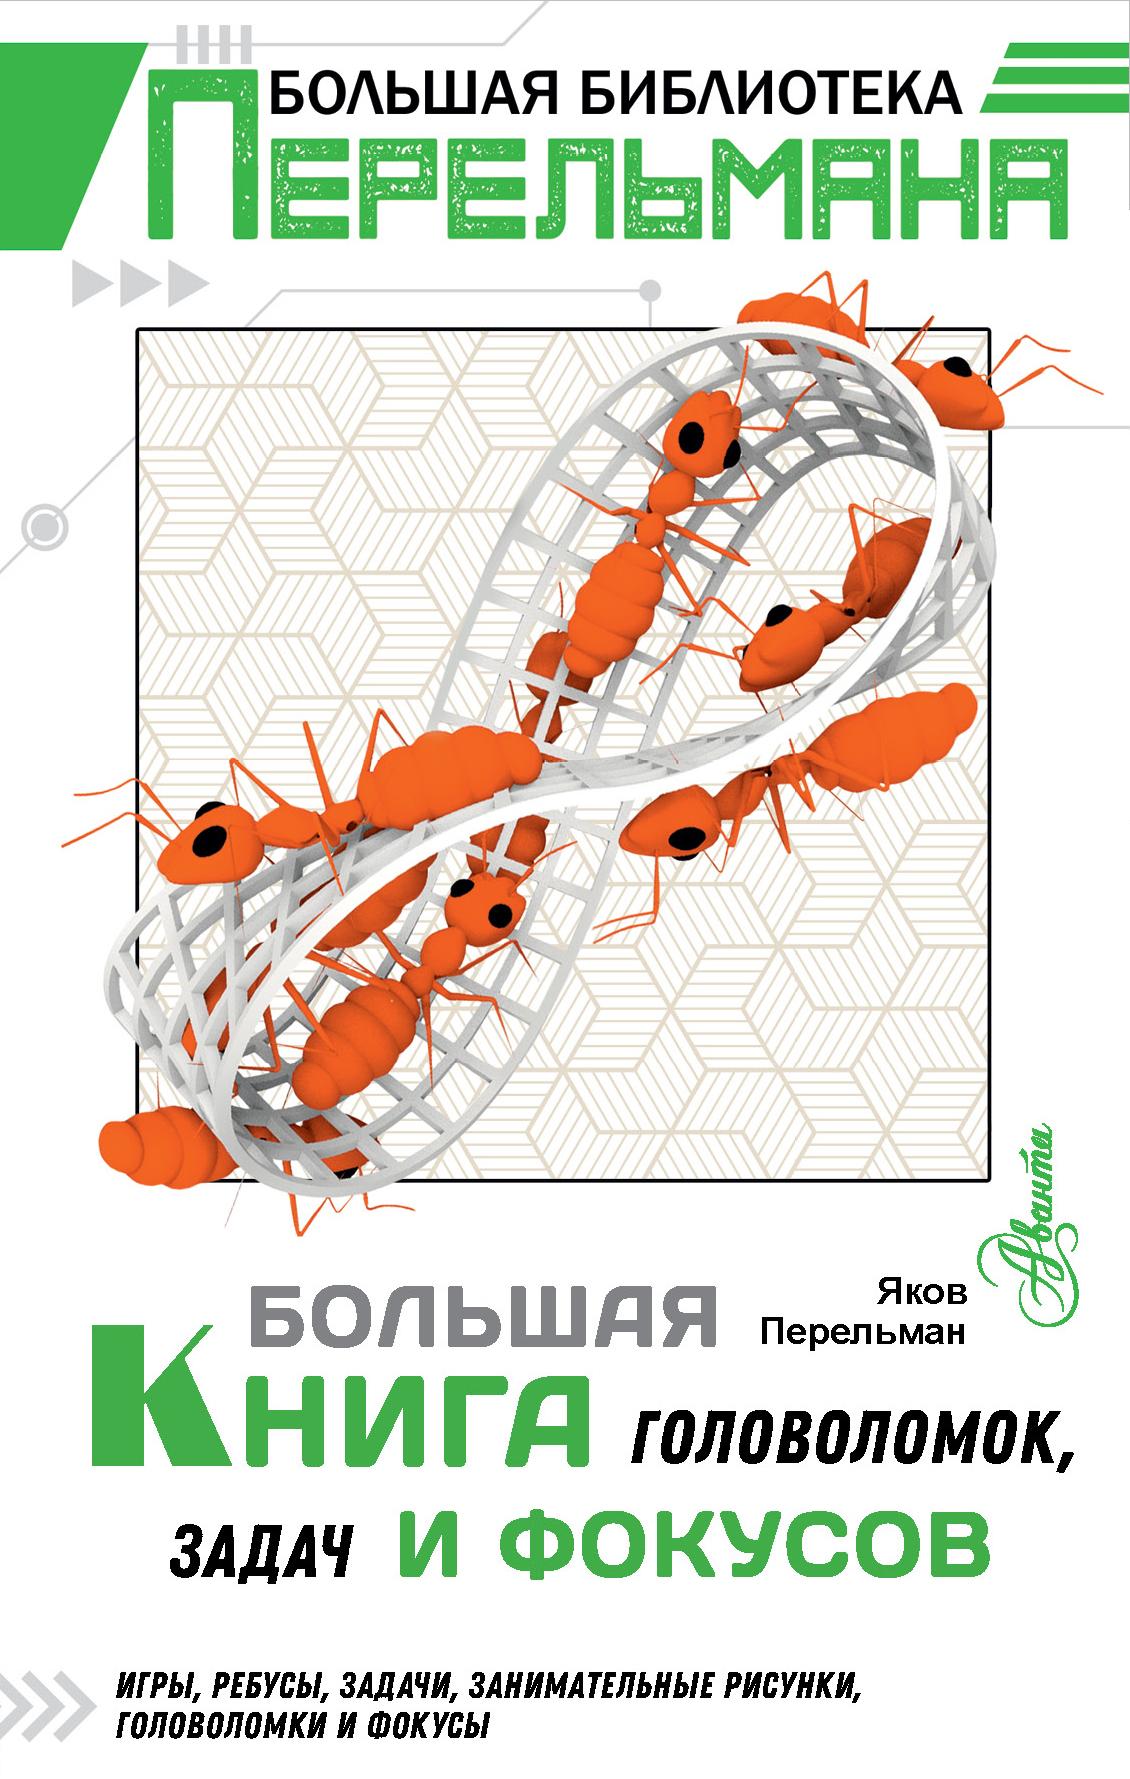 bolshaya kniga golovolomok zadach i fokusov